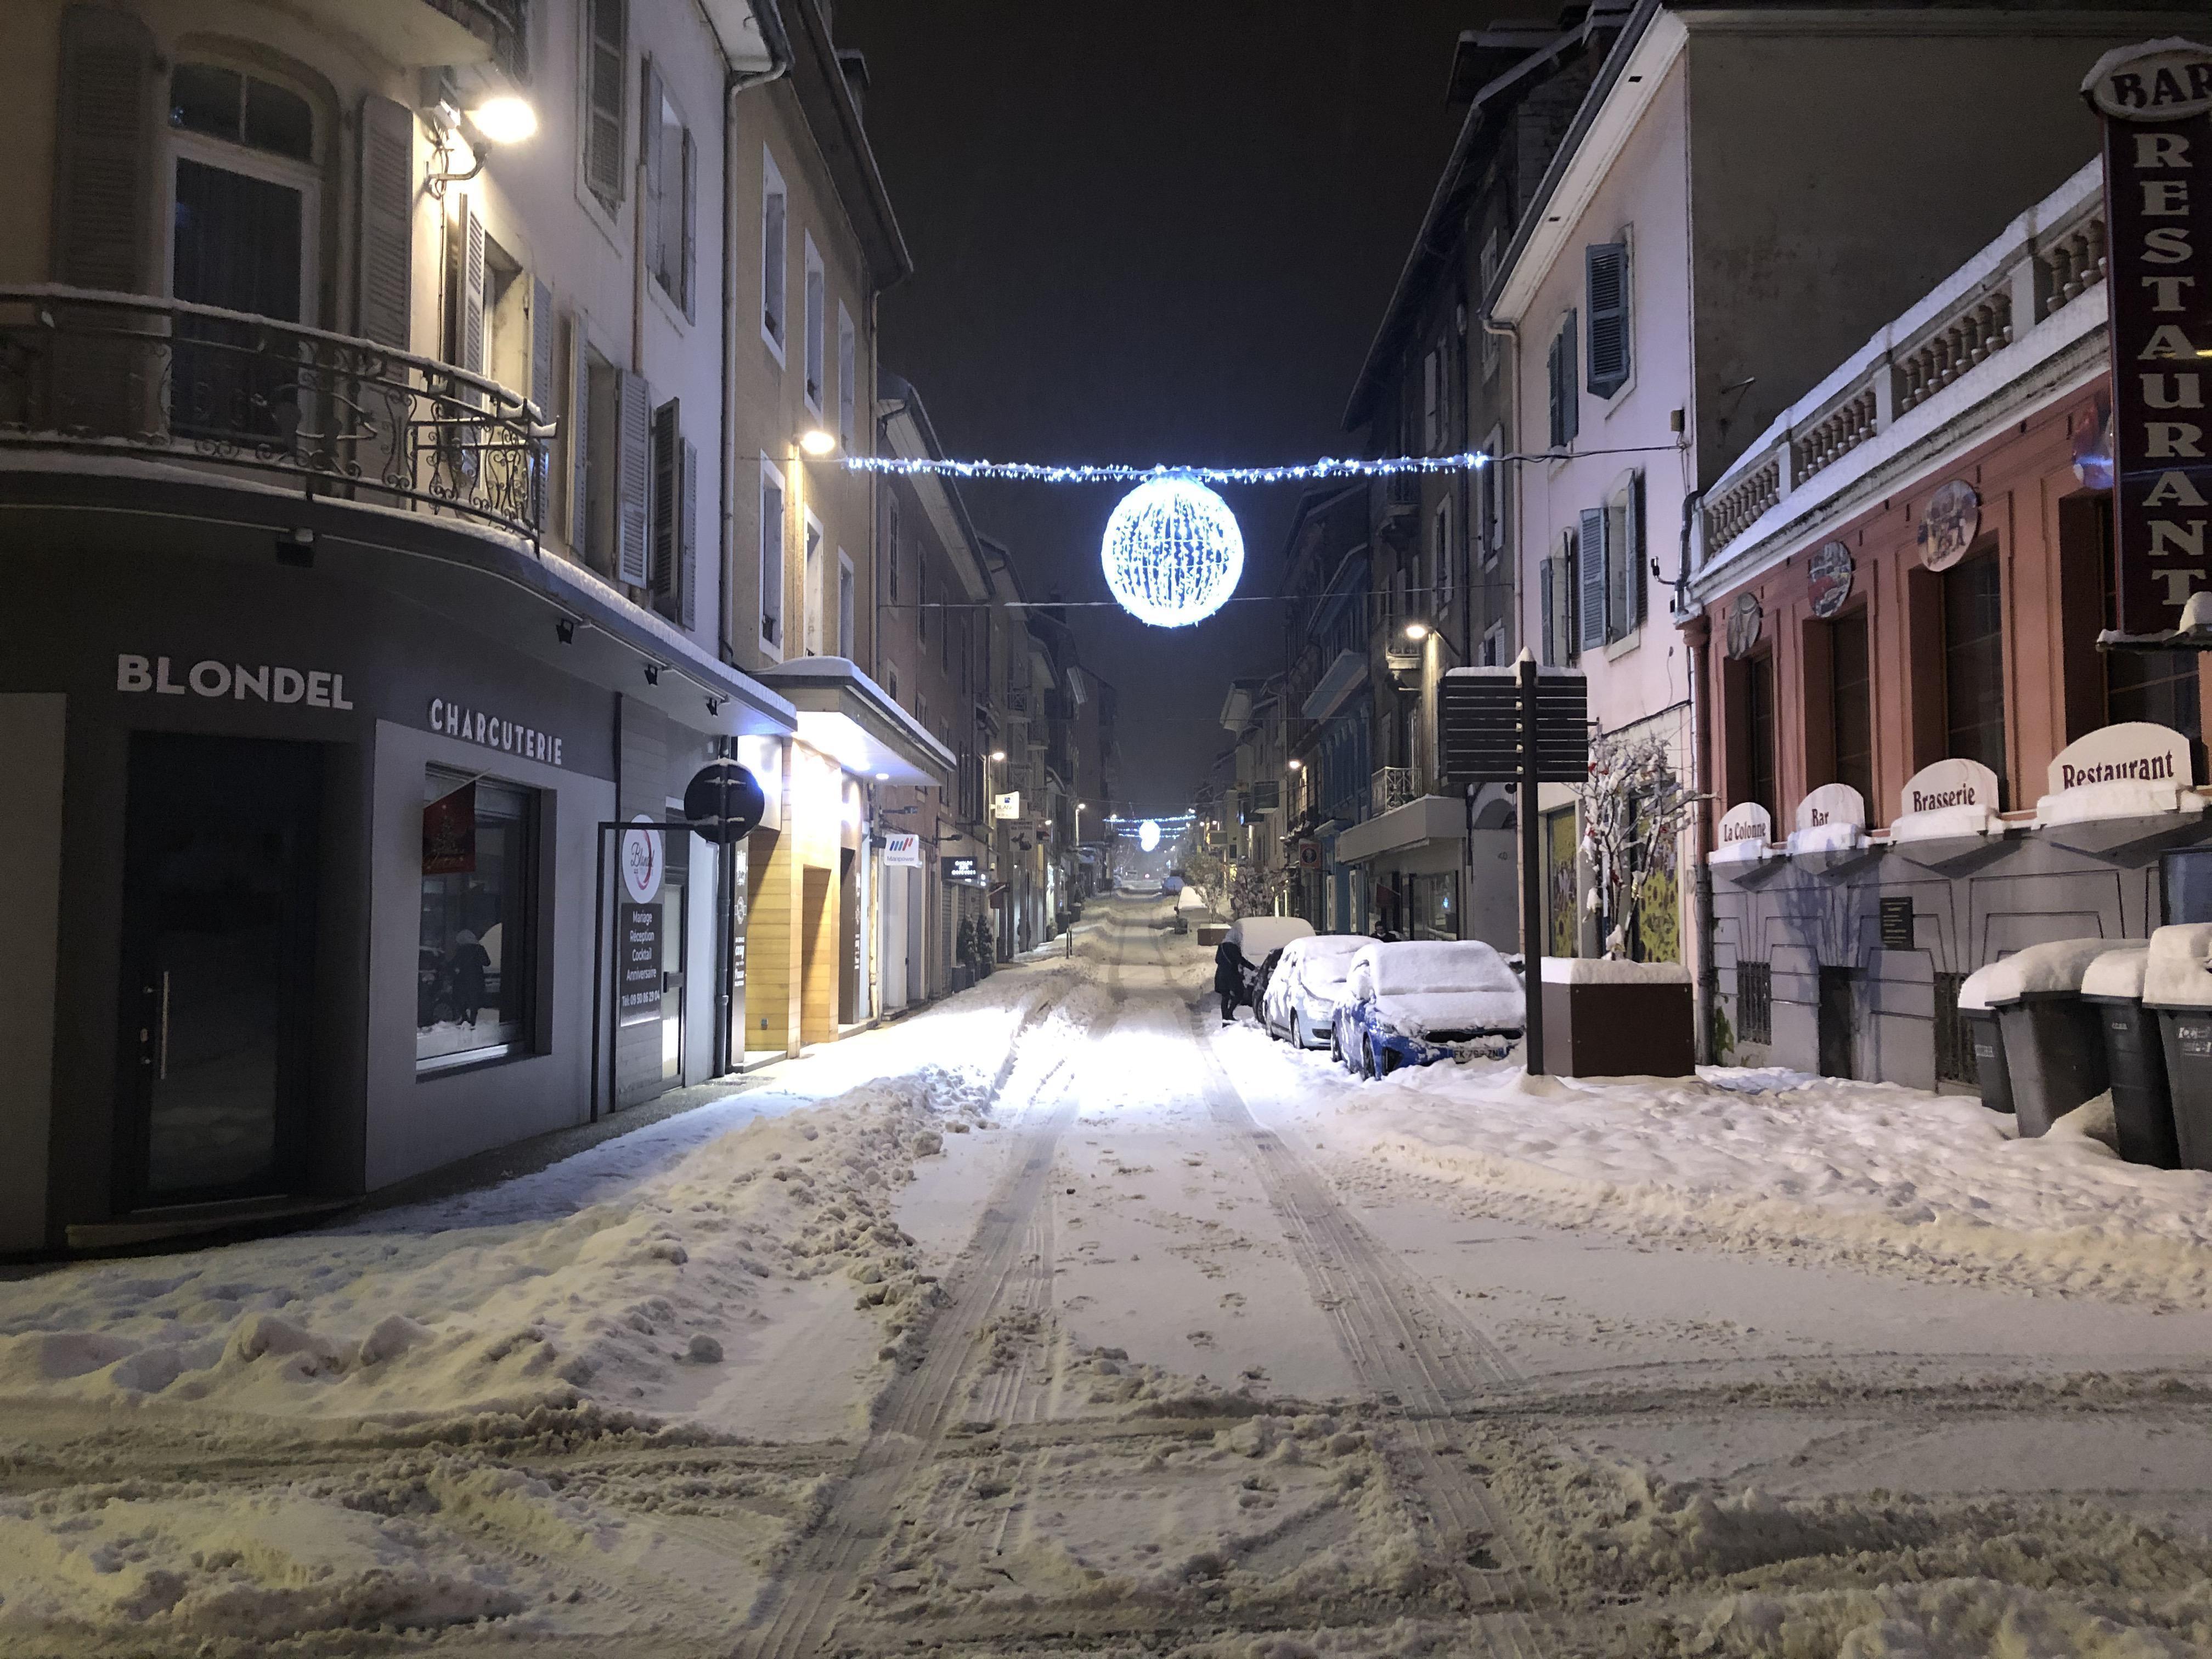 Les rues enneigées de Valserhône.